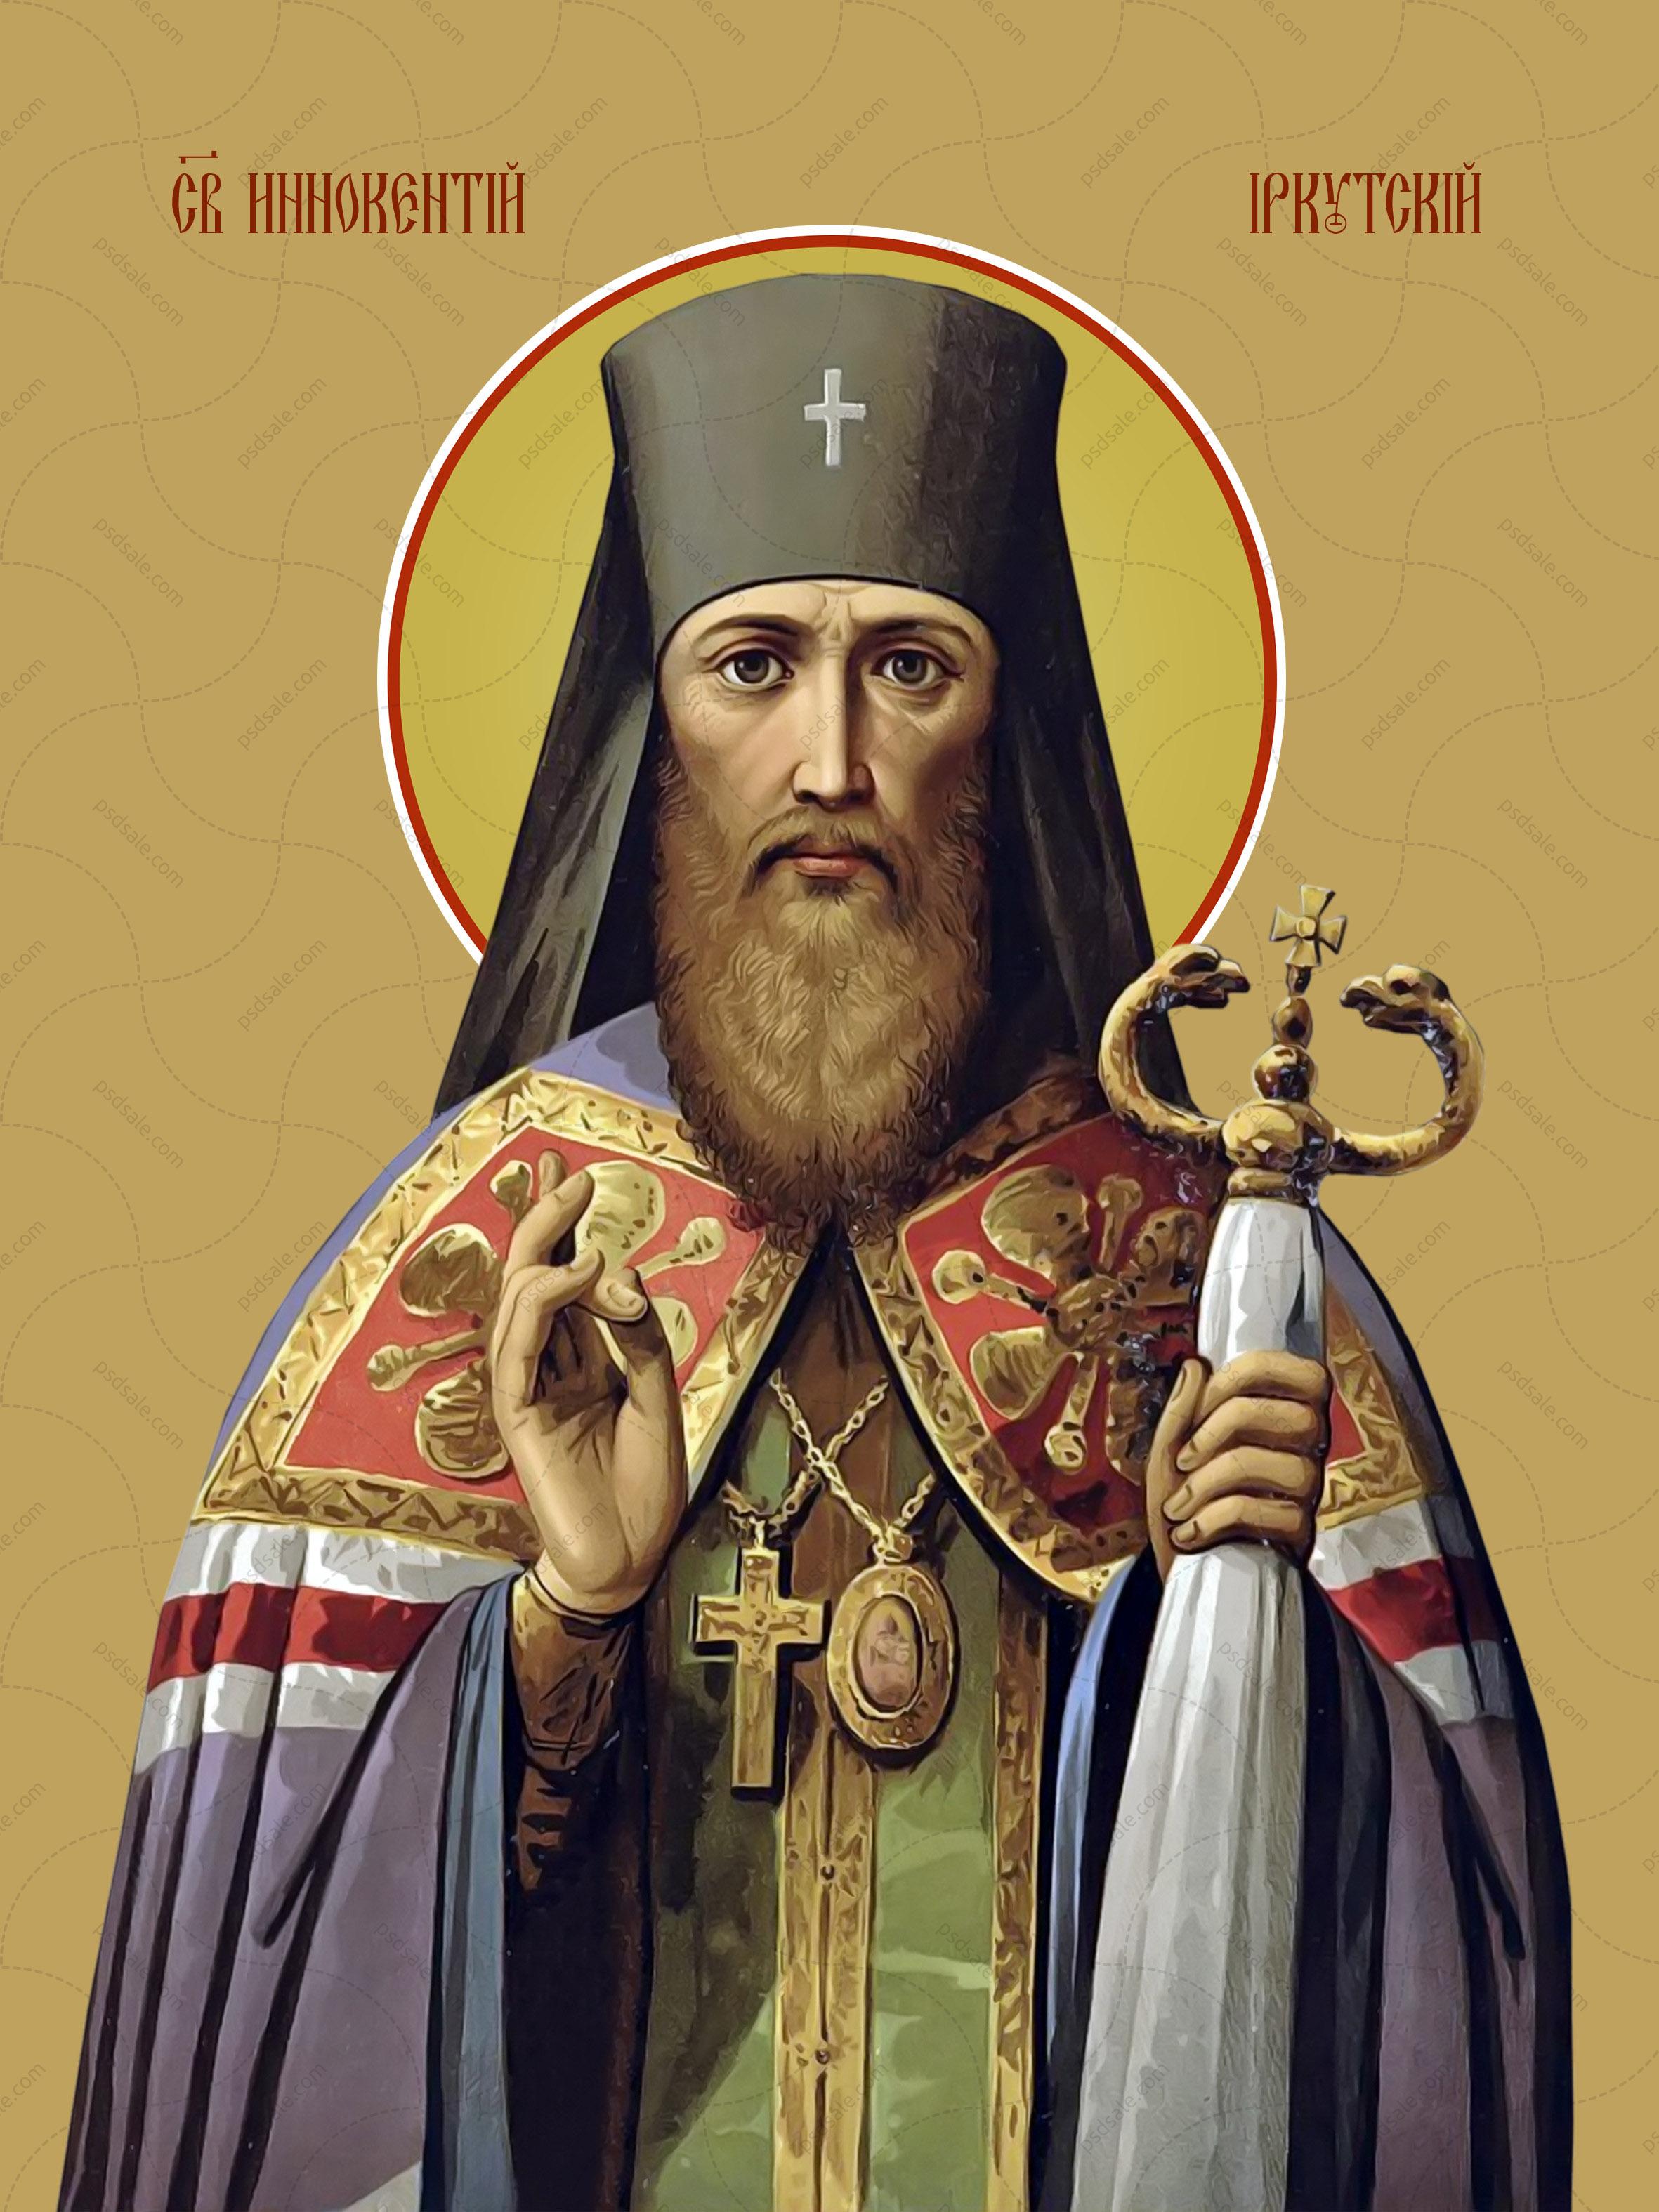 Иннокентий Иркутский, святой